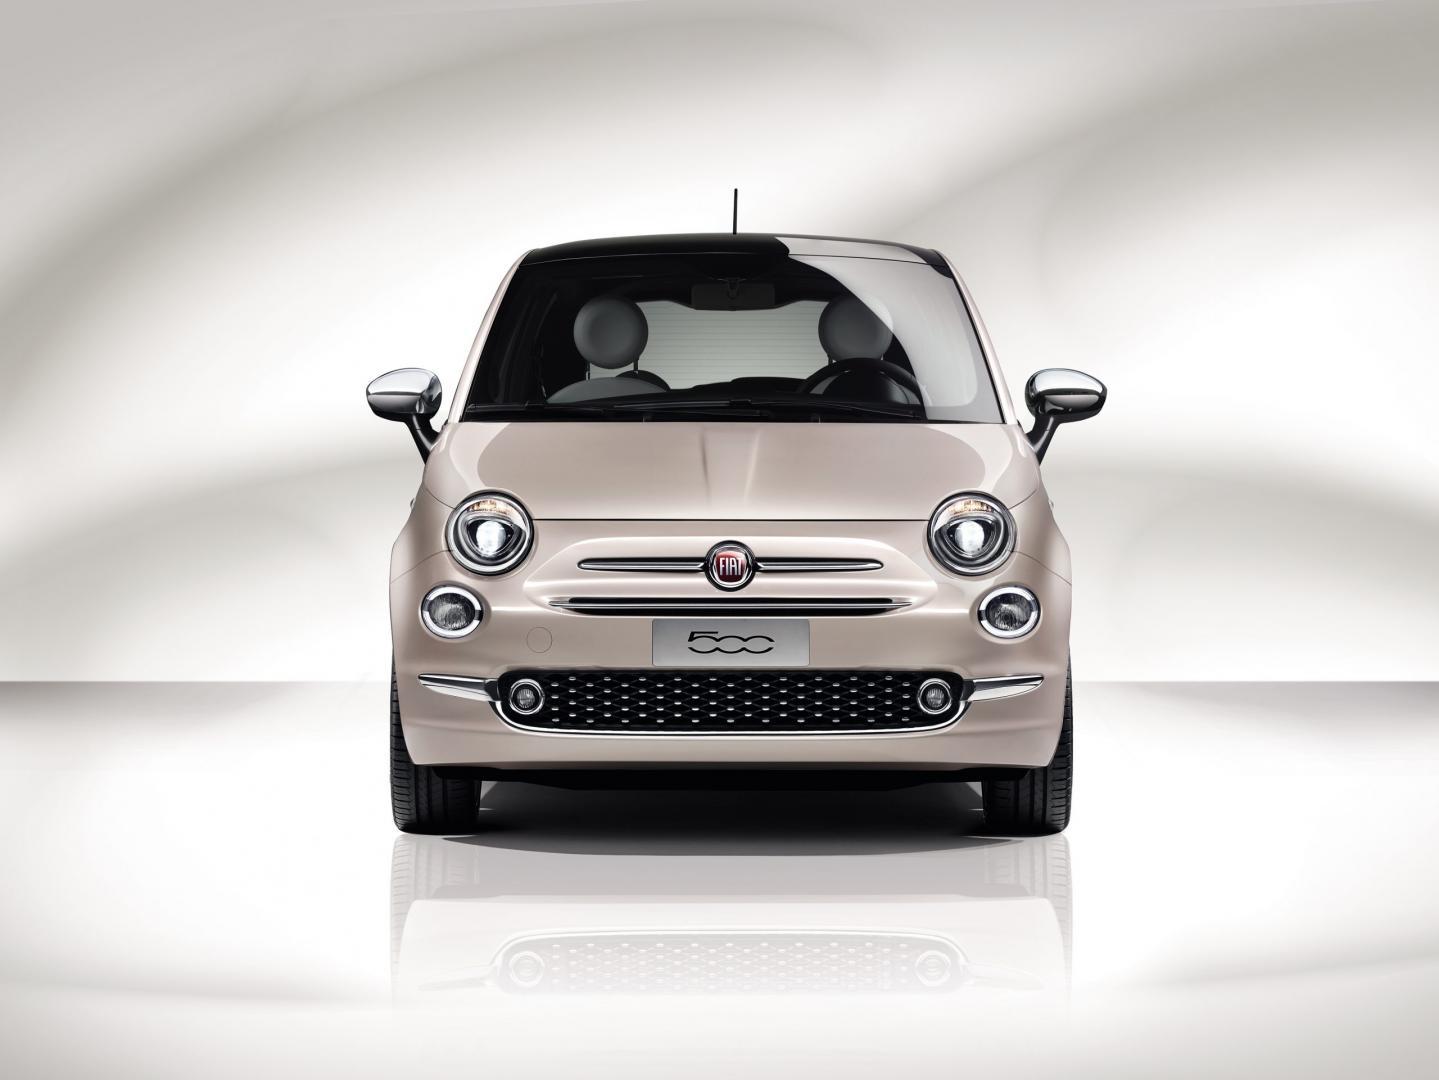 FIAT 500 private lease